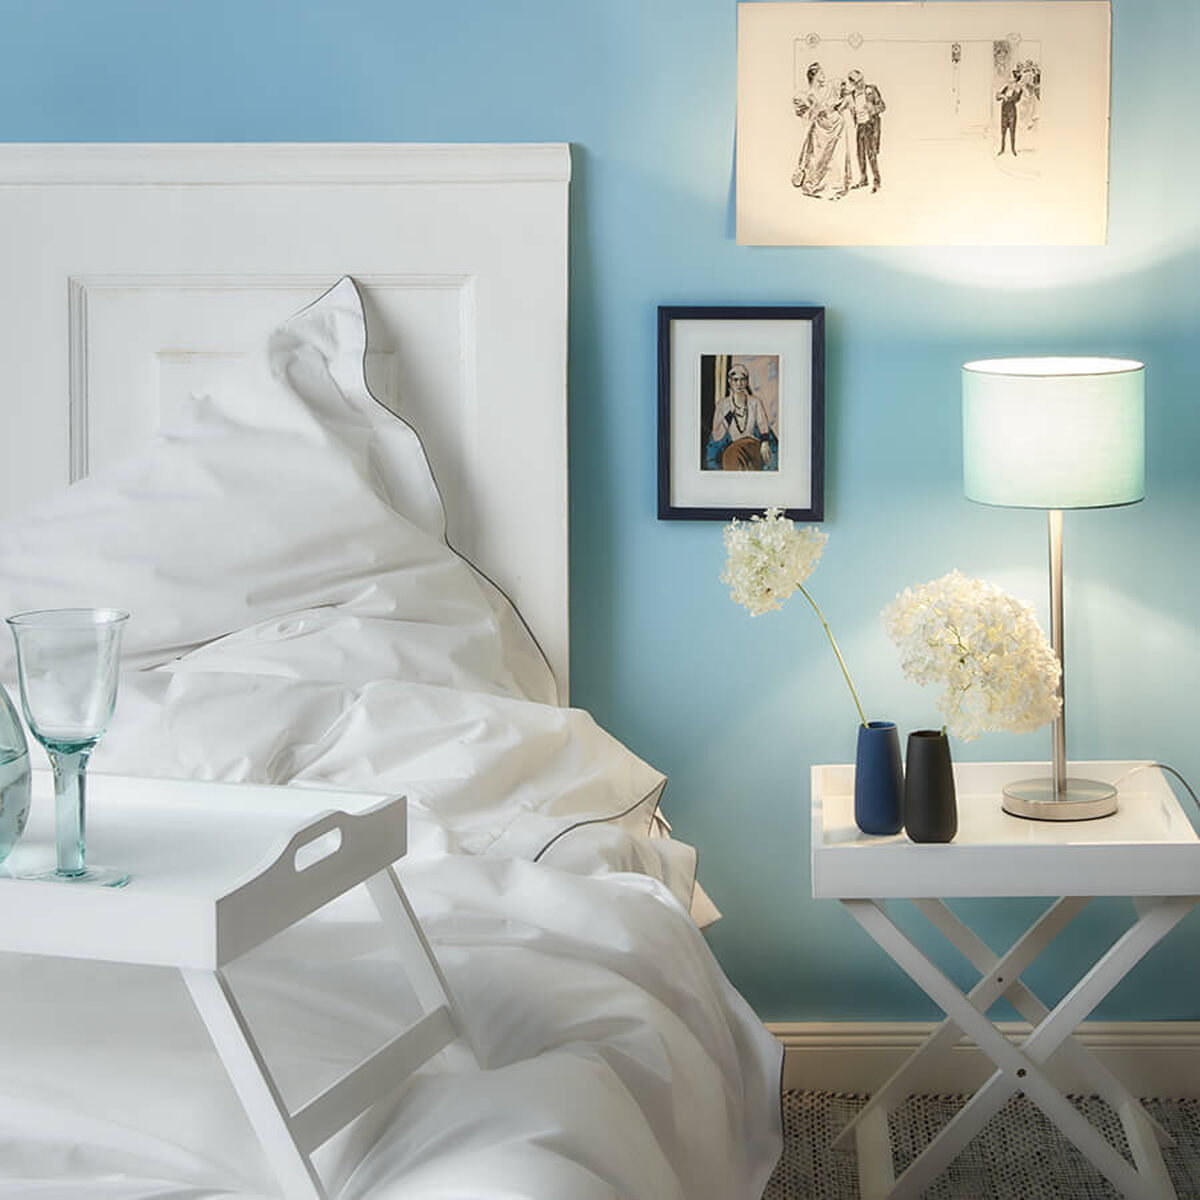 schlafzimmerm bel zum wohlf hlen kaufen butlers. Black Bedroom Furniture Sets. Home Design Ideas